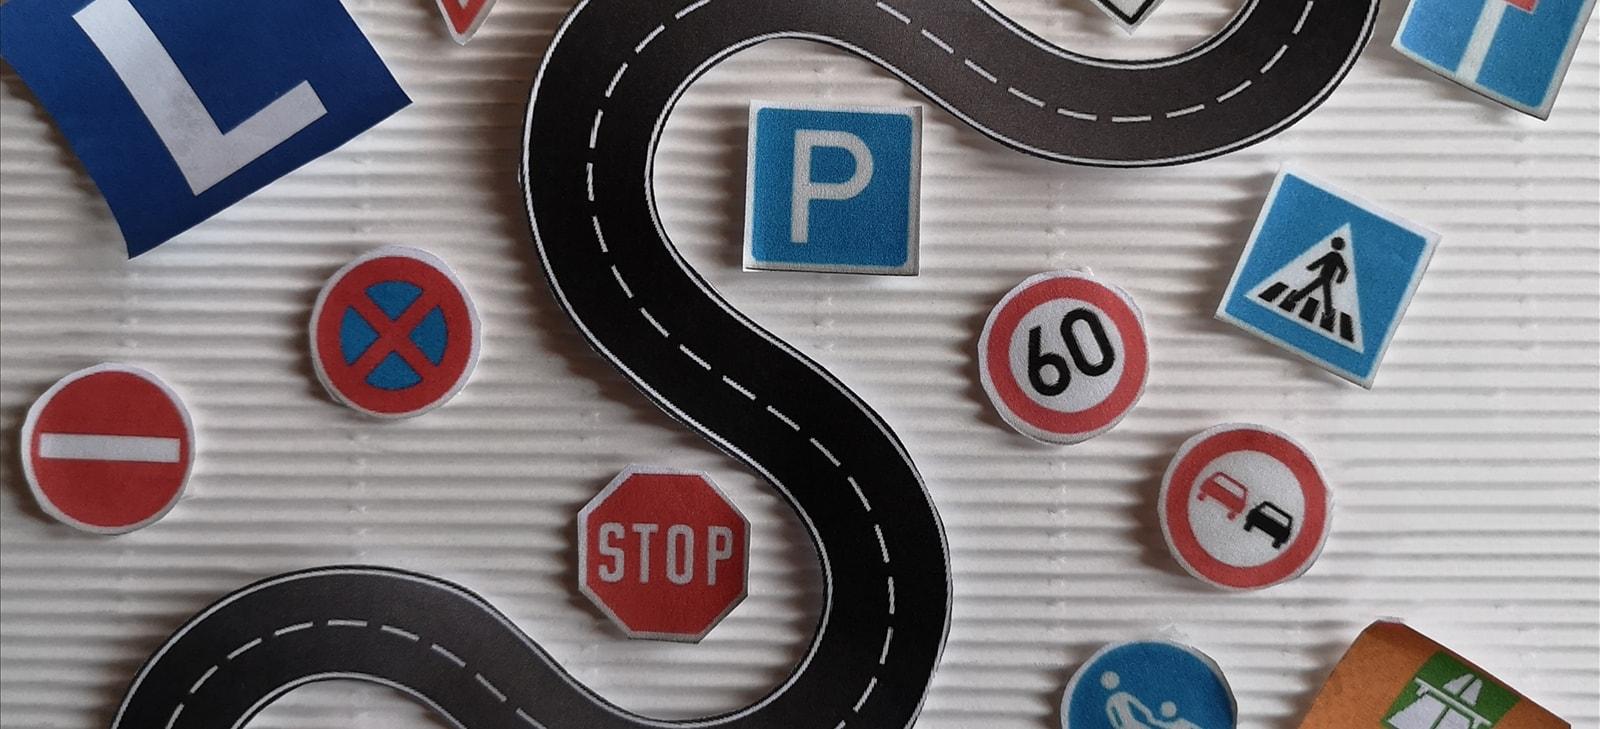 Fahrschule Vali - Verkehrszeichen